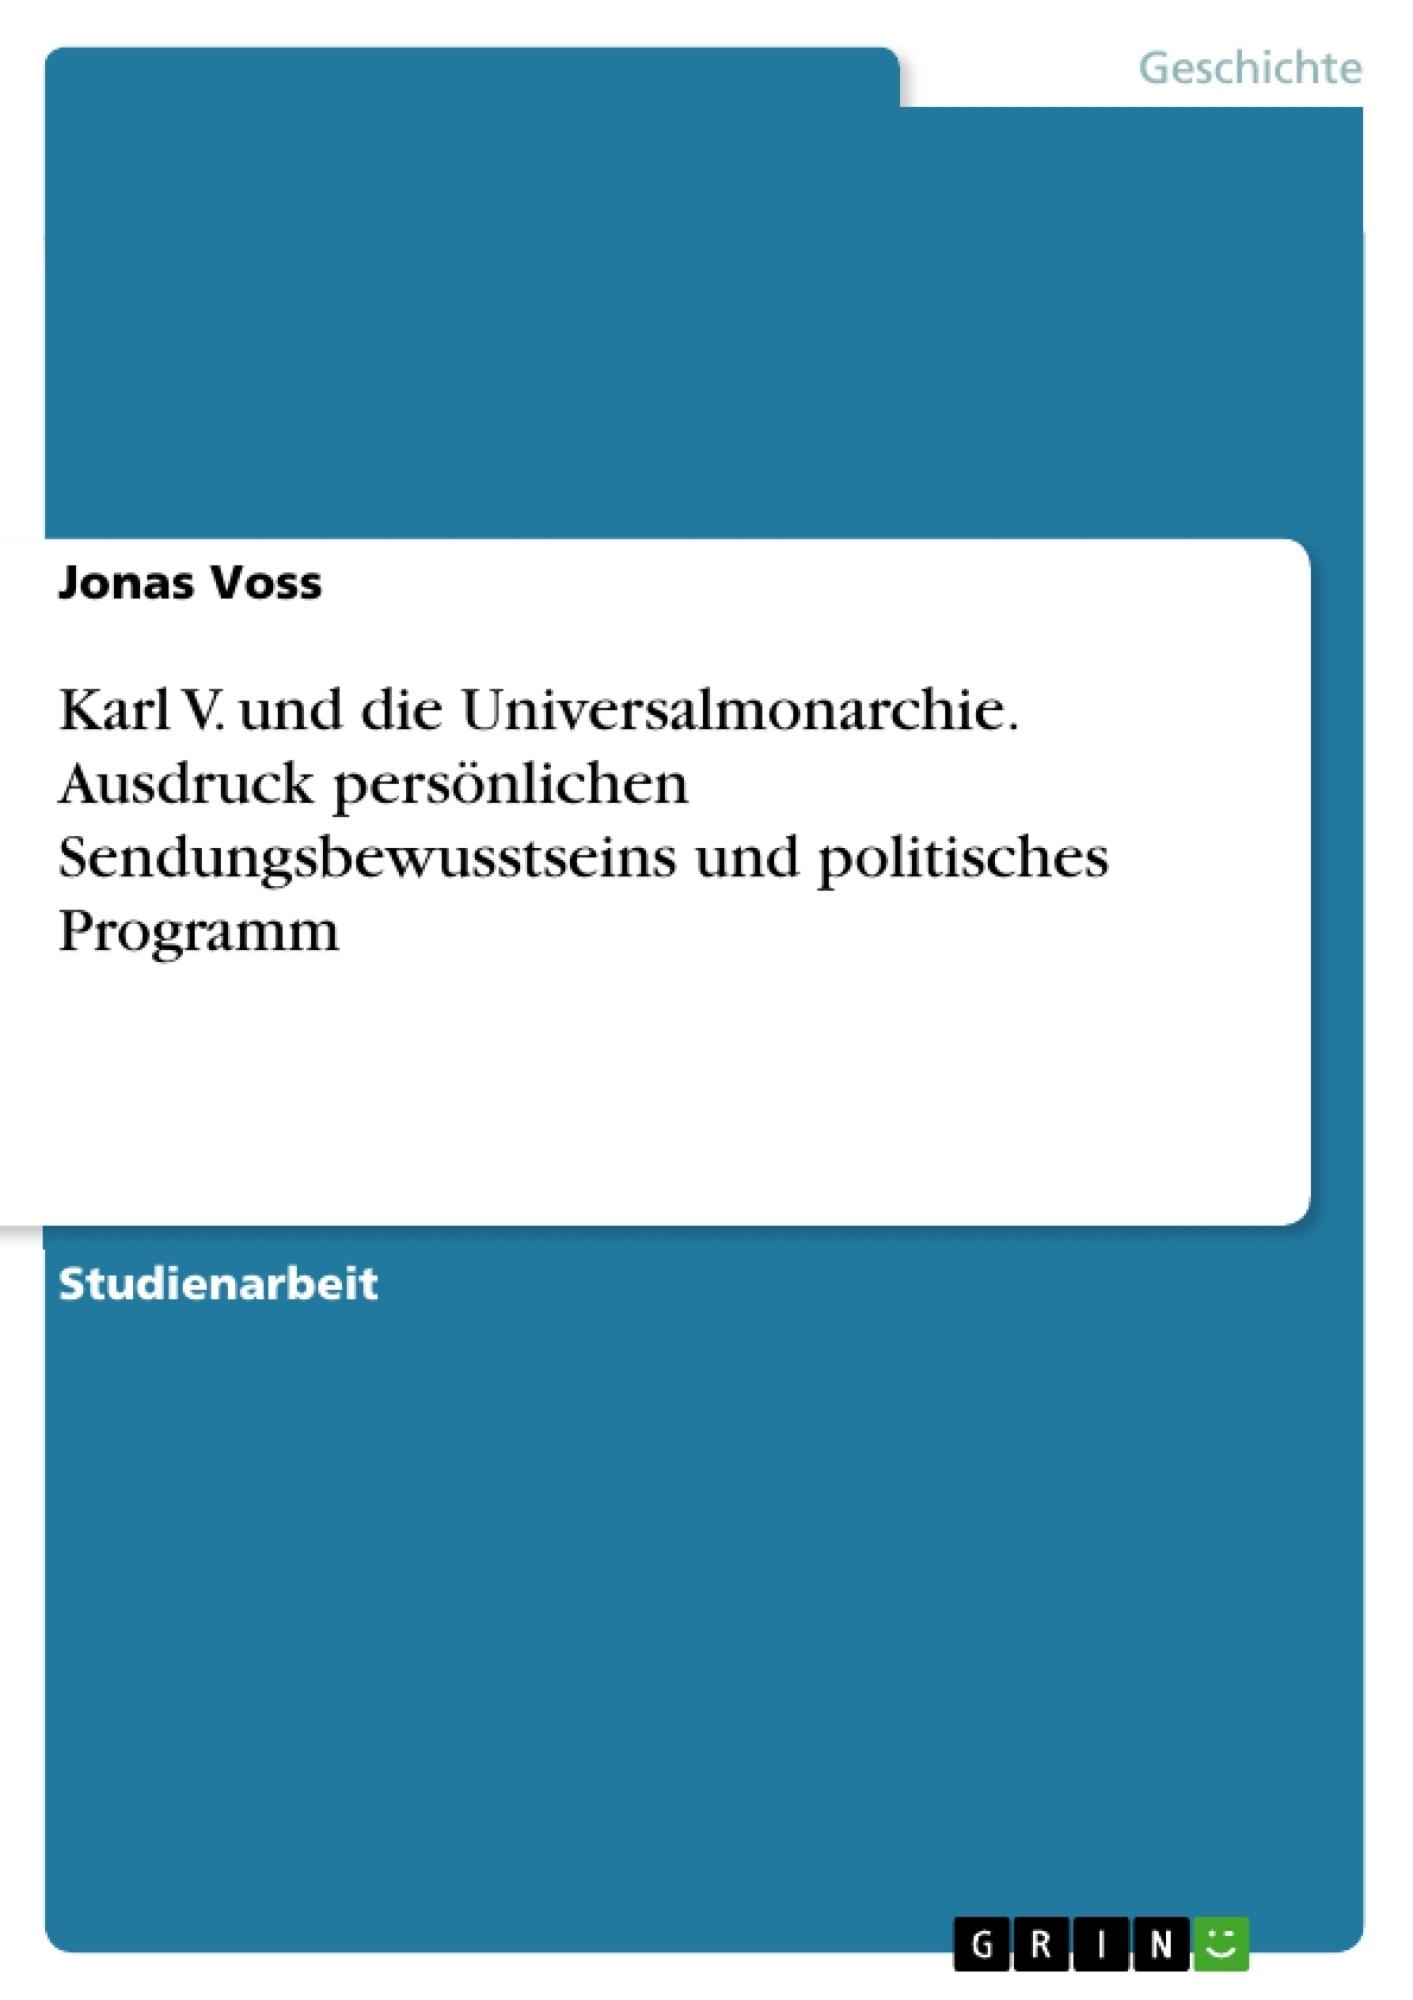 Titel: Karl V. und die Universalmonarchie. Ausdruck persönlichen Sendungsbewusstseins und politisches Programm